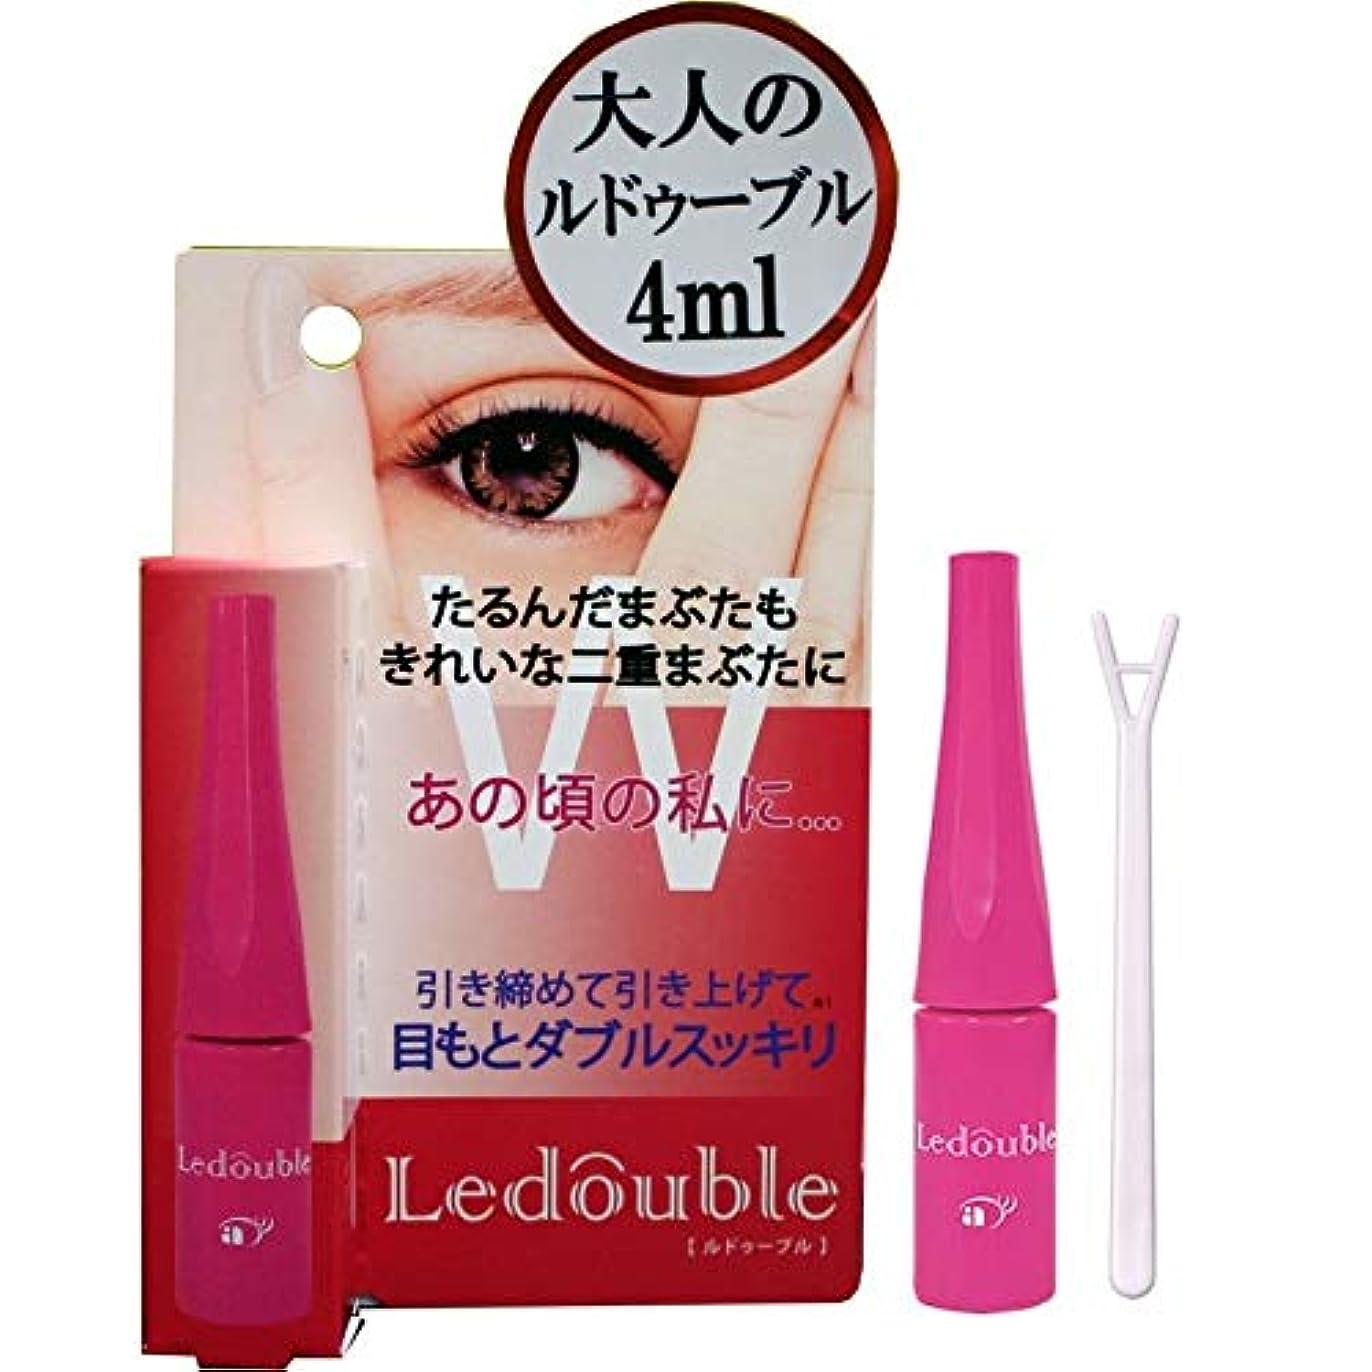 法廷抑止するリマーク大人のLedouble [大人のルドゥーブル] 二重まぶた化粧品 (4mL)